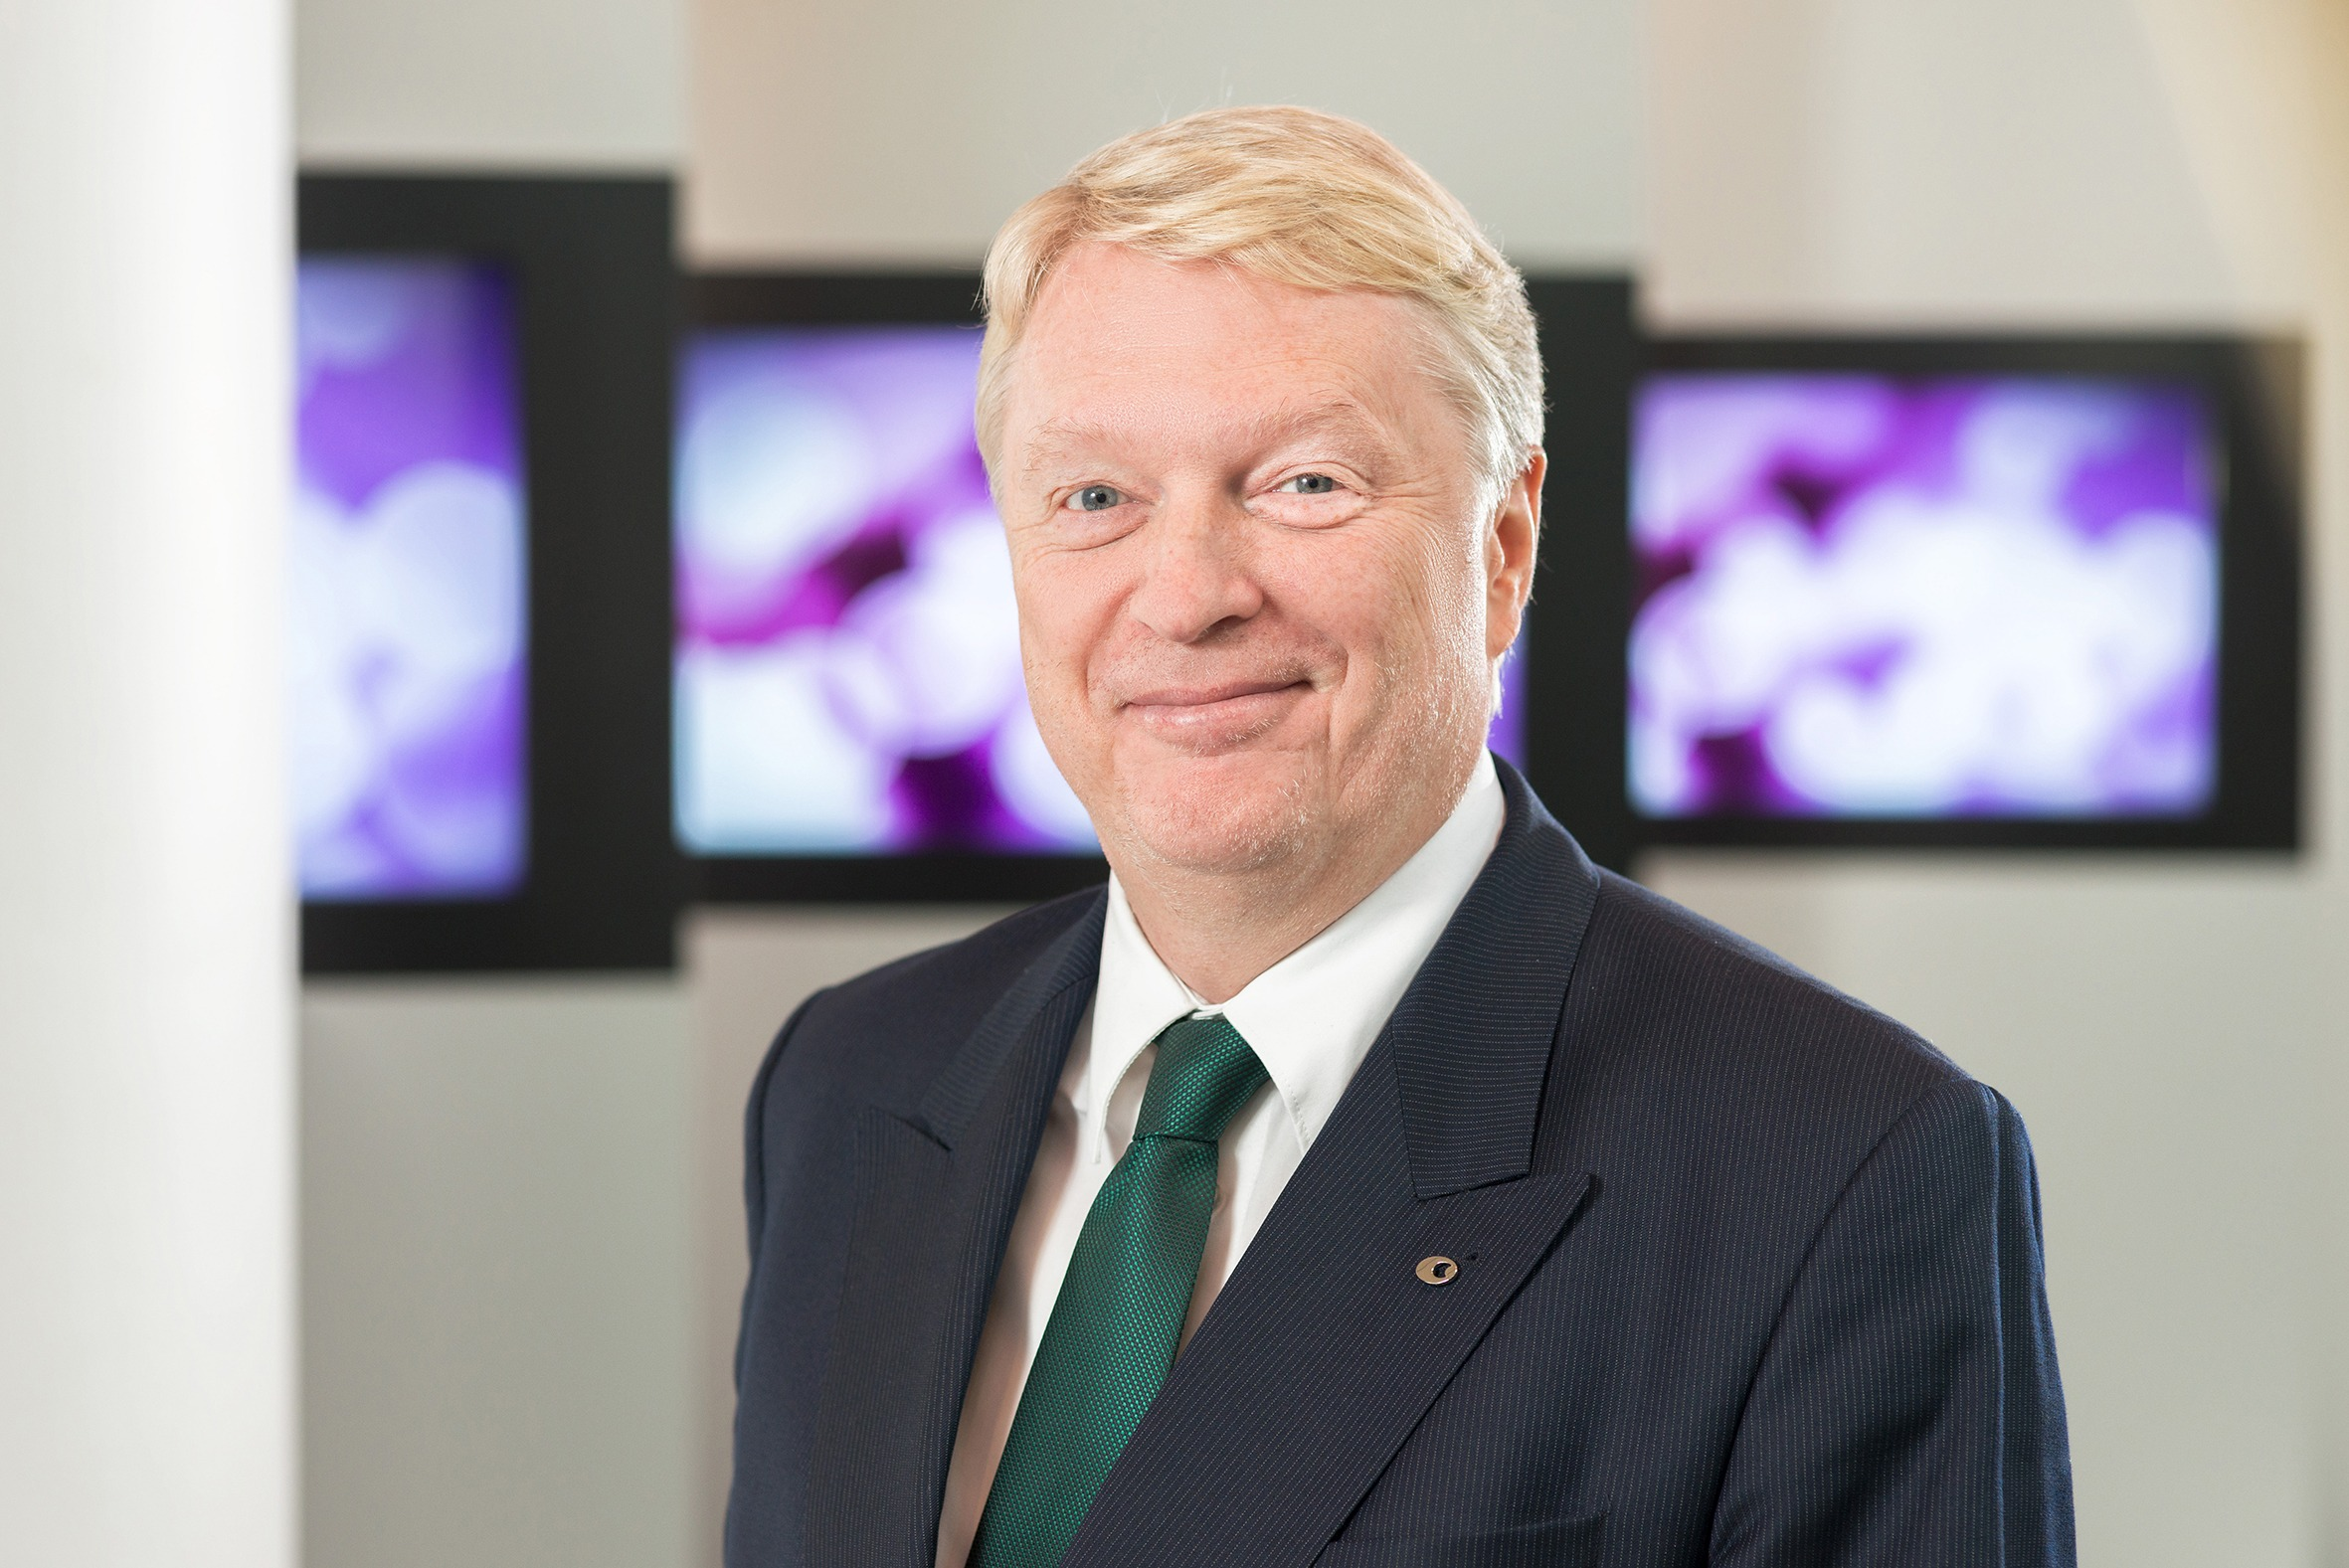 Prof. Dietmar Hoscher